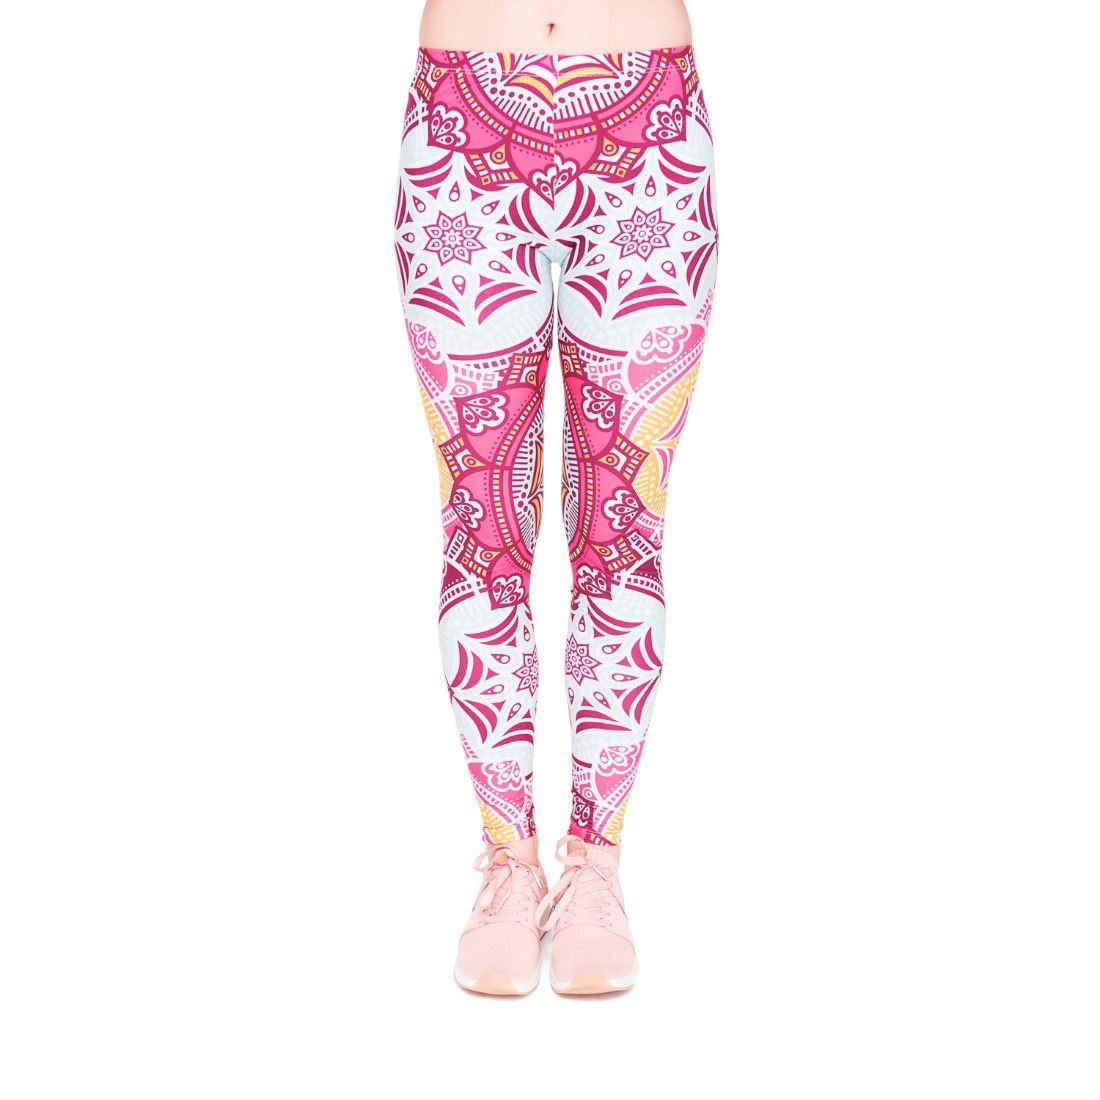 kukubird Womens Yoga Gym and Fashion Leggings Size 6-10 Stretchable